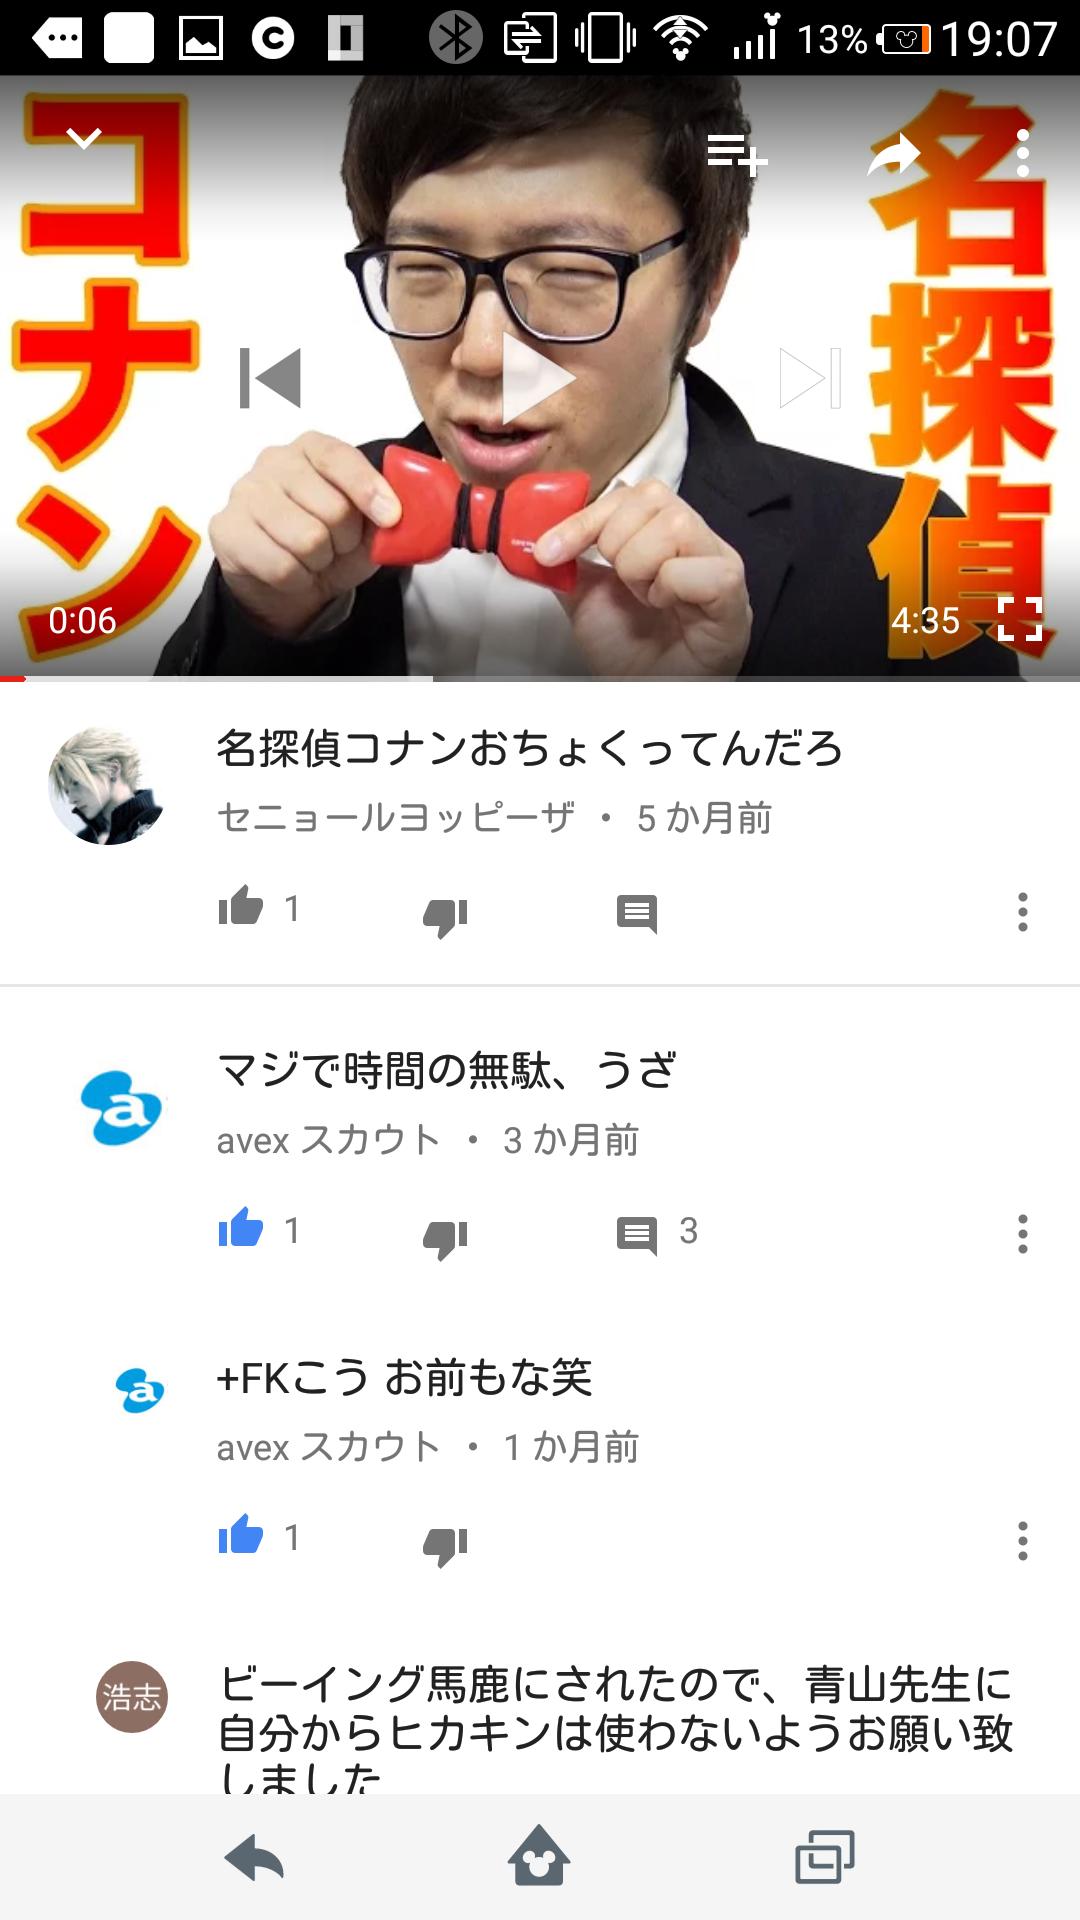 『声優総選挙』に出演した乃木坂46の生駒里奈さん、批判が殺到しブログで土下座謝罪